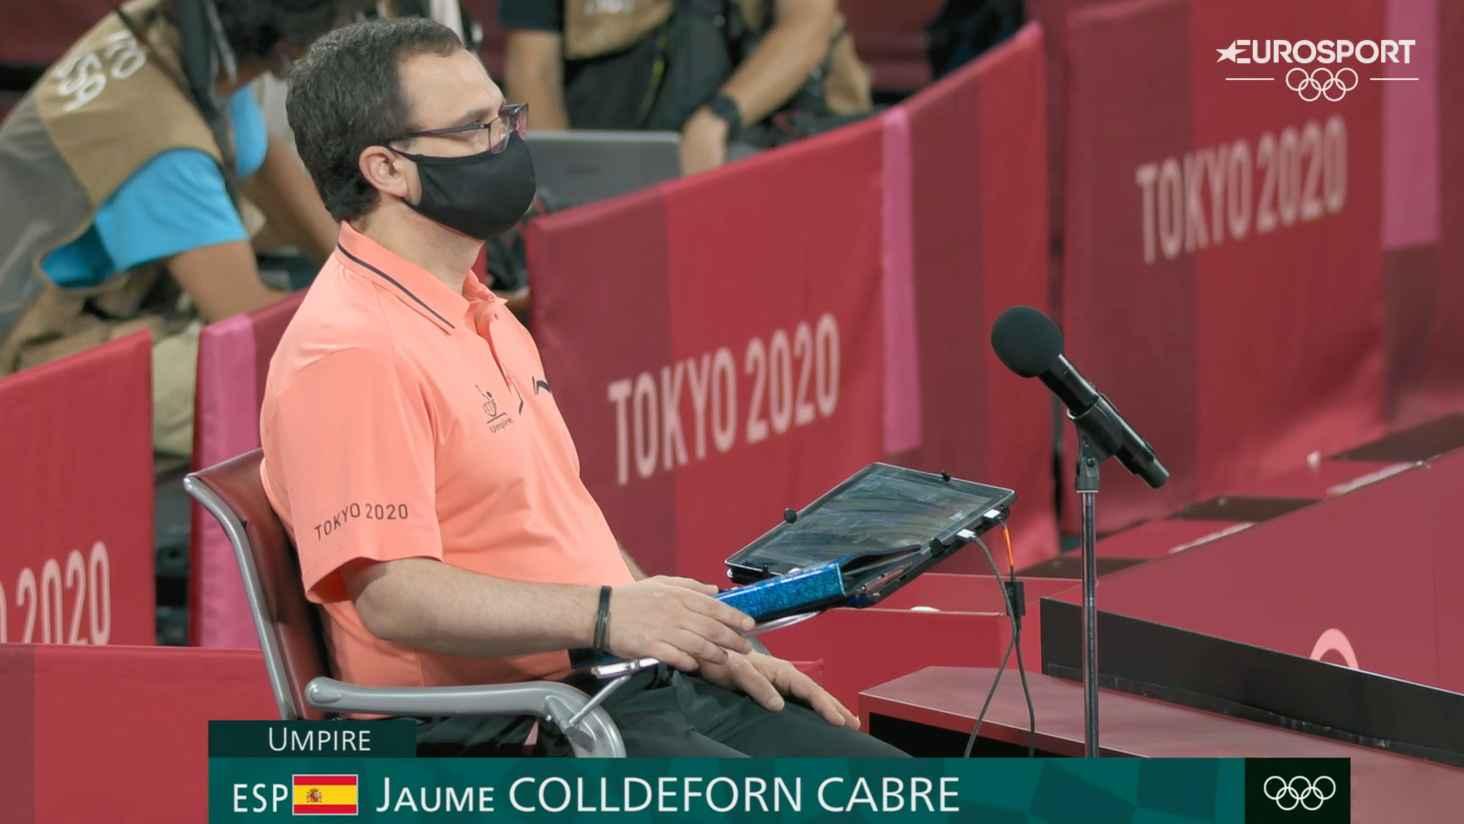 Jaume Colldeforn arbitrando la final de dobles mixto en los Juegos Olímpicos (Foto: Eurosport)